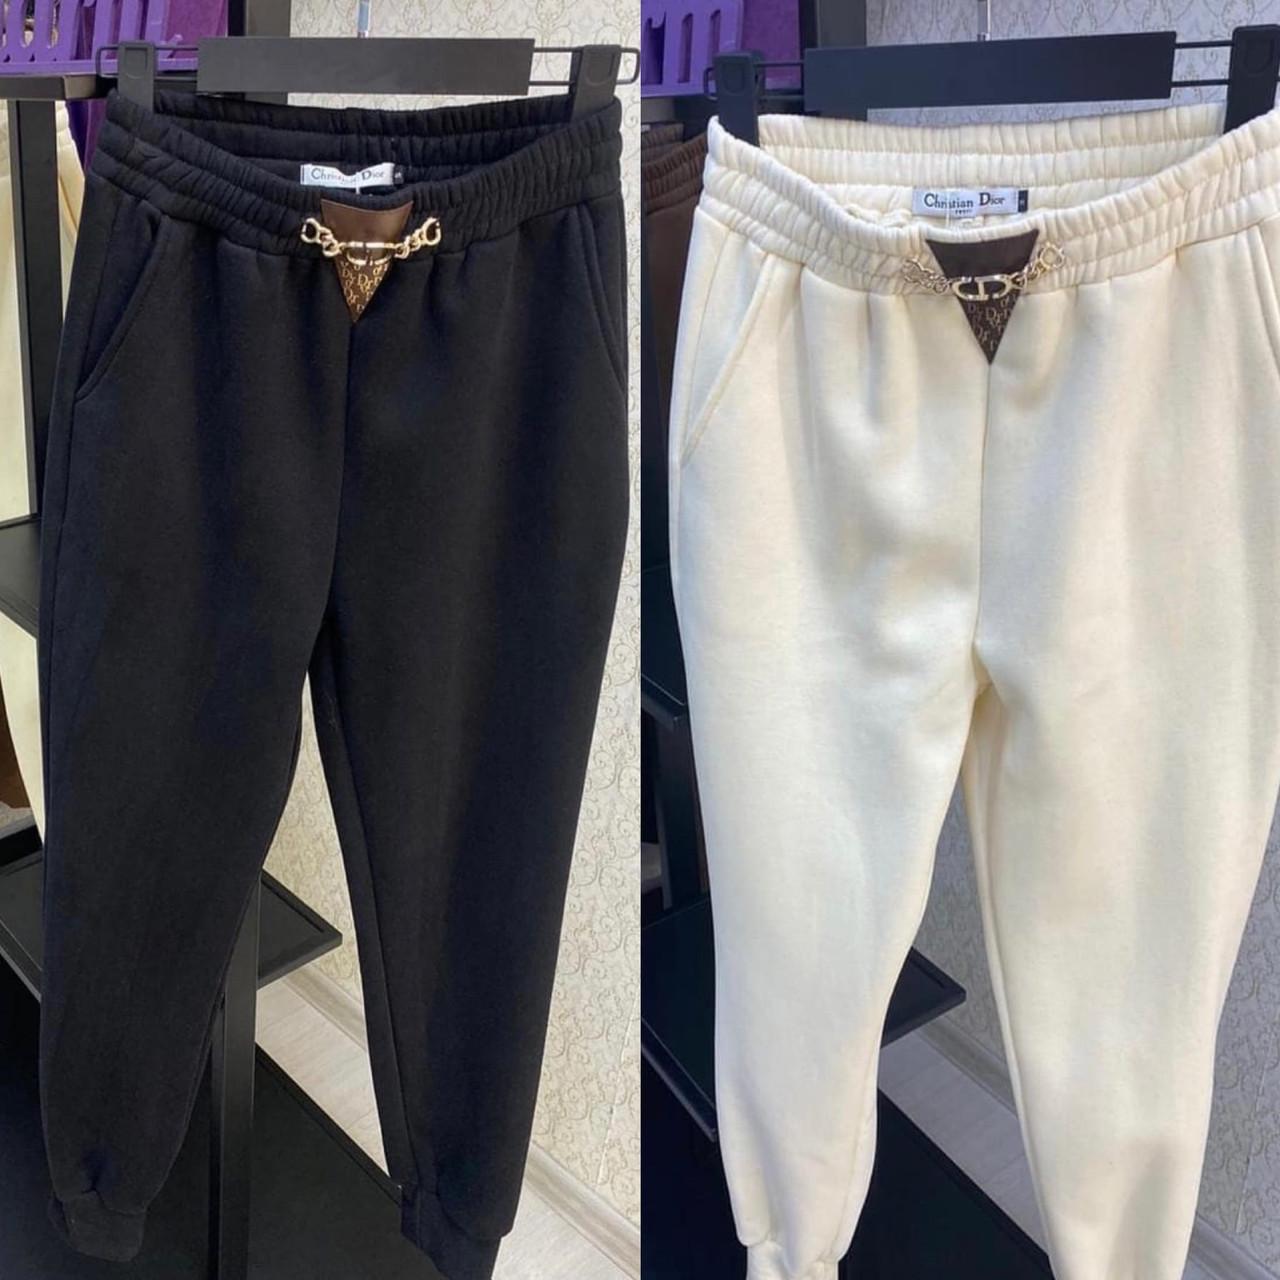 Спортивные штаны женские белые, чёрные, 42-44, 44-46